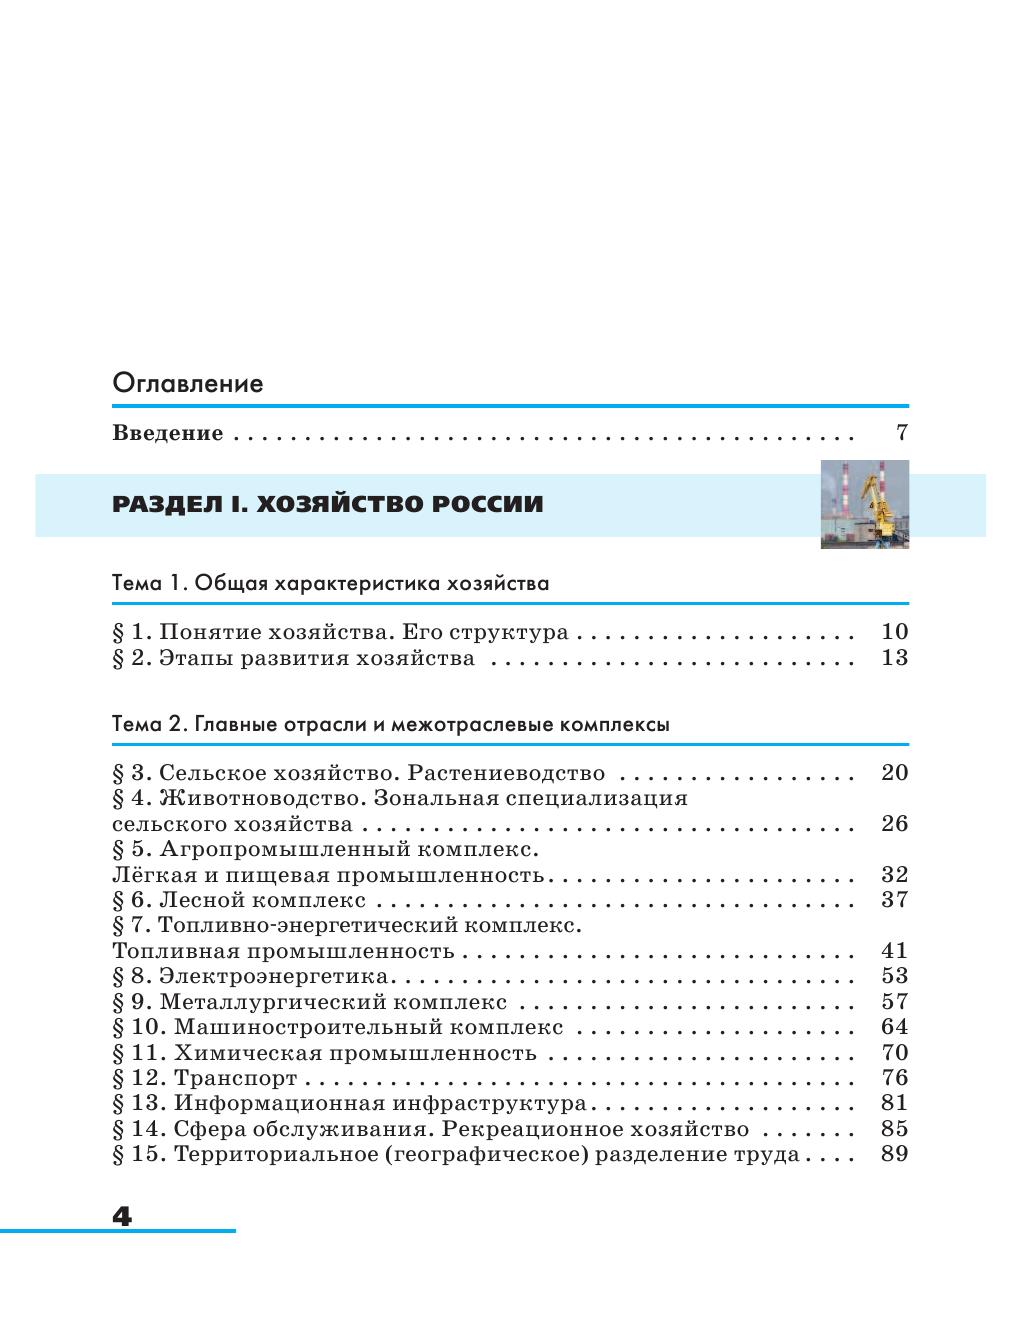 География россии 9 класс алексеев план ответа по параграфу